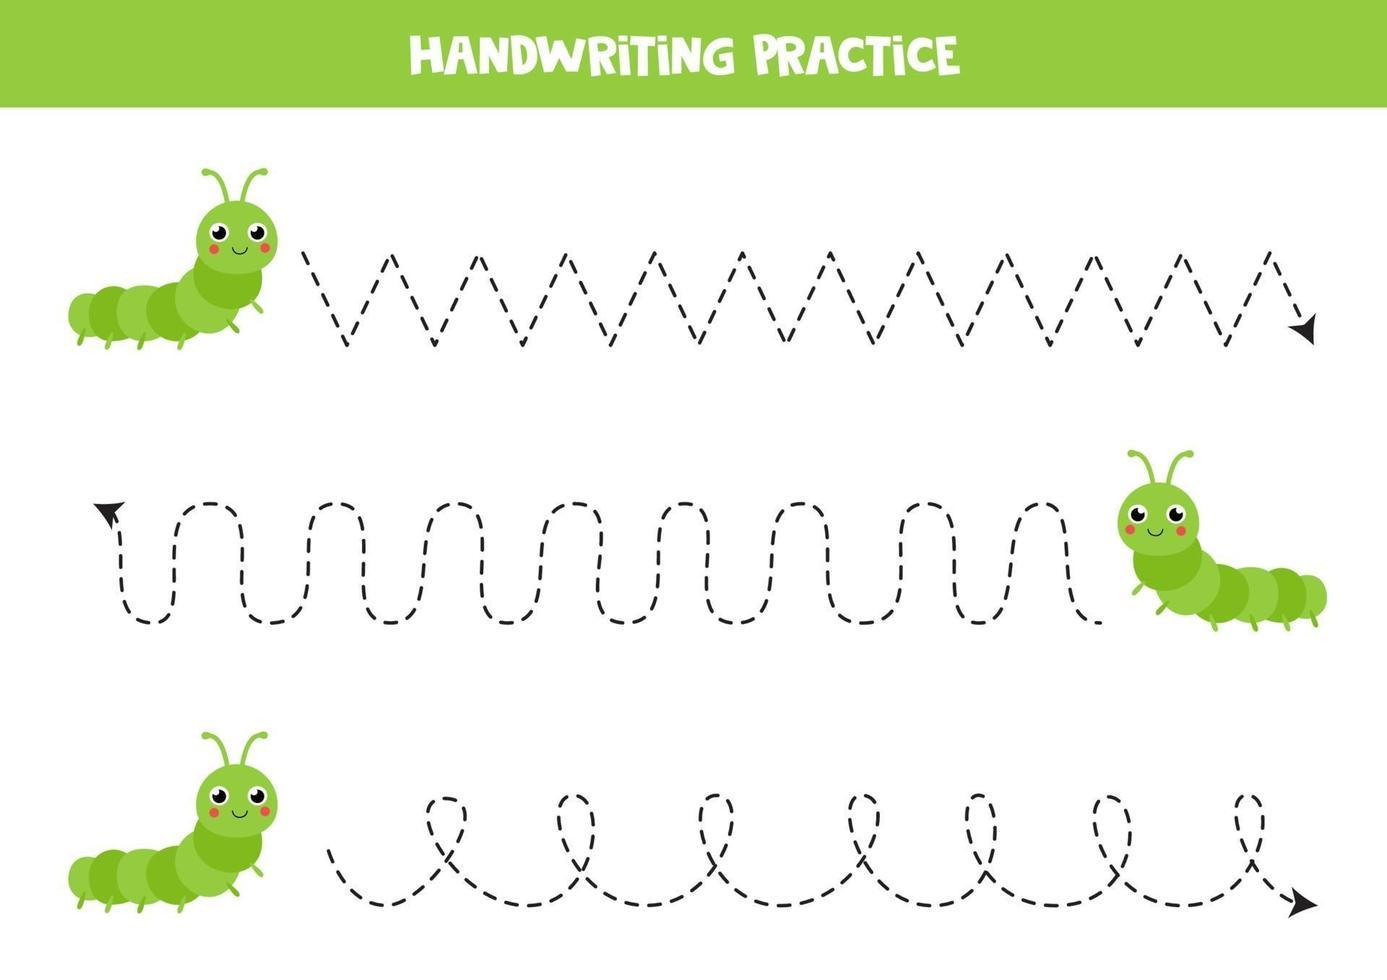 traceer de lijnen met schattige rupsen. Schrijf oefening. vector